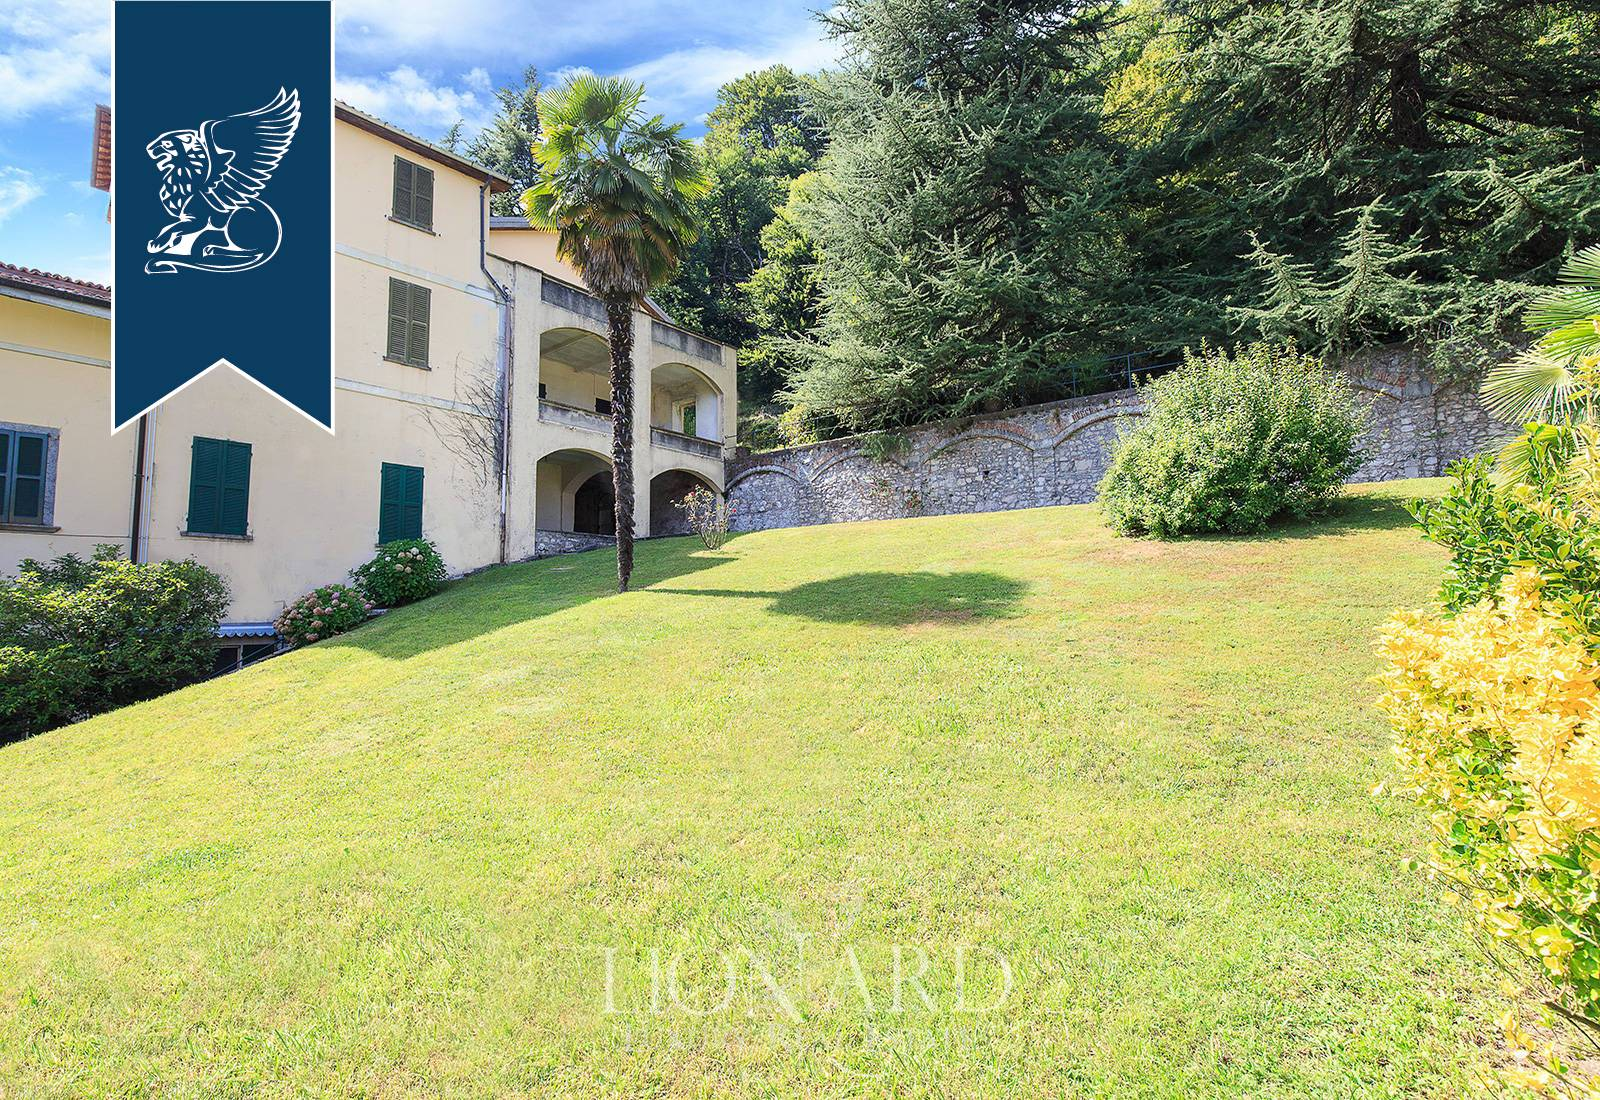 Palazzo in Vendita a Castello Cabiaglio: 0 locali, 1000 mq - Foto 8